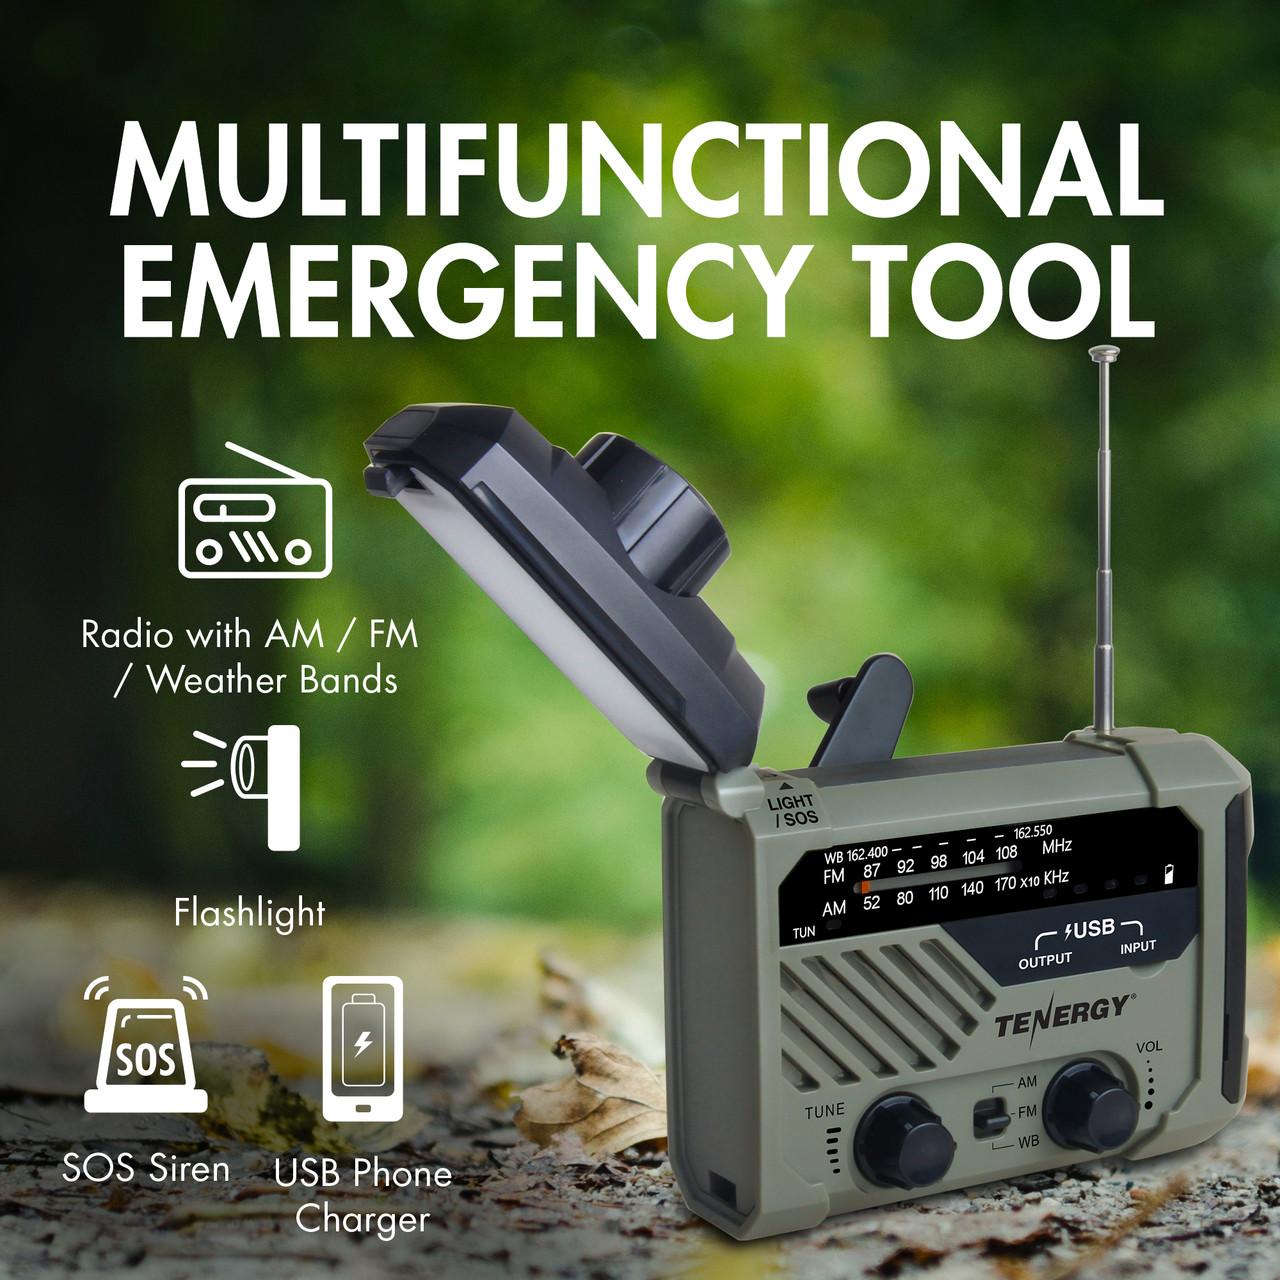 Tenergy Multifunctional Hand Crank Emergency Radio